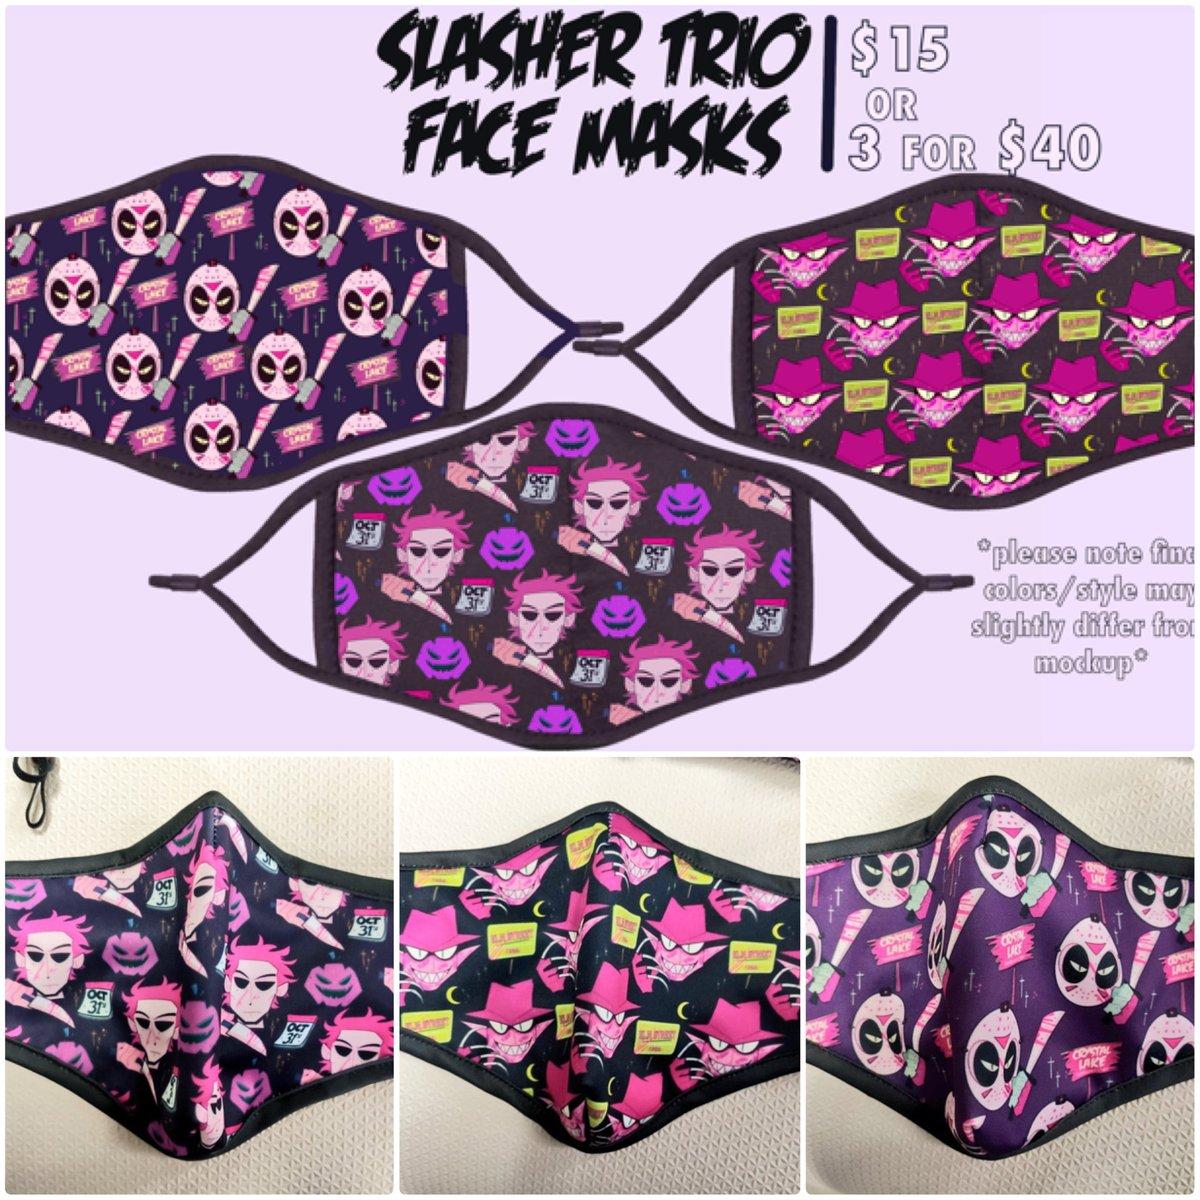 Image of SLASHER TRIO FACE MASK